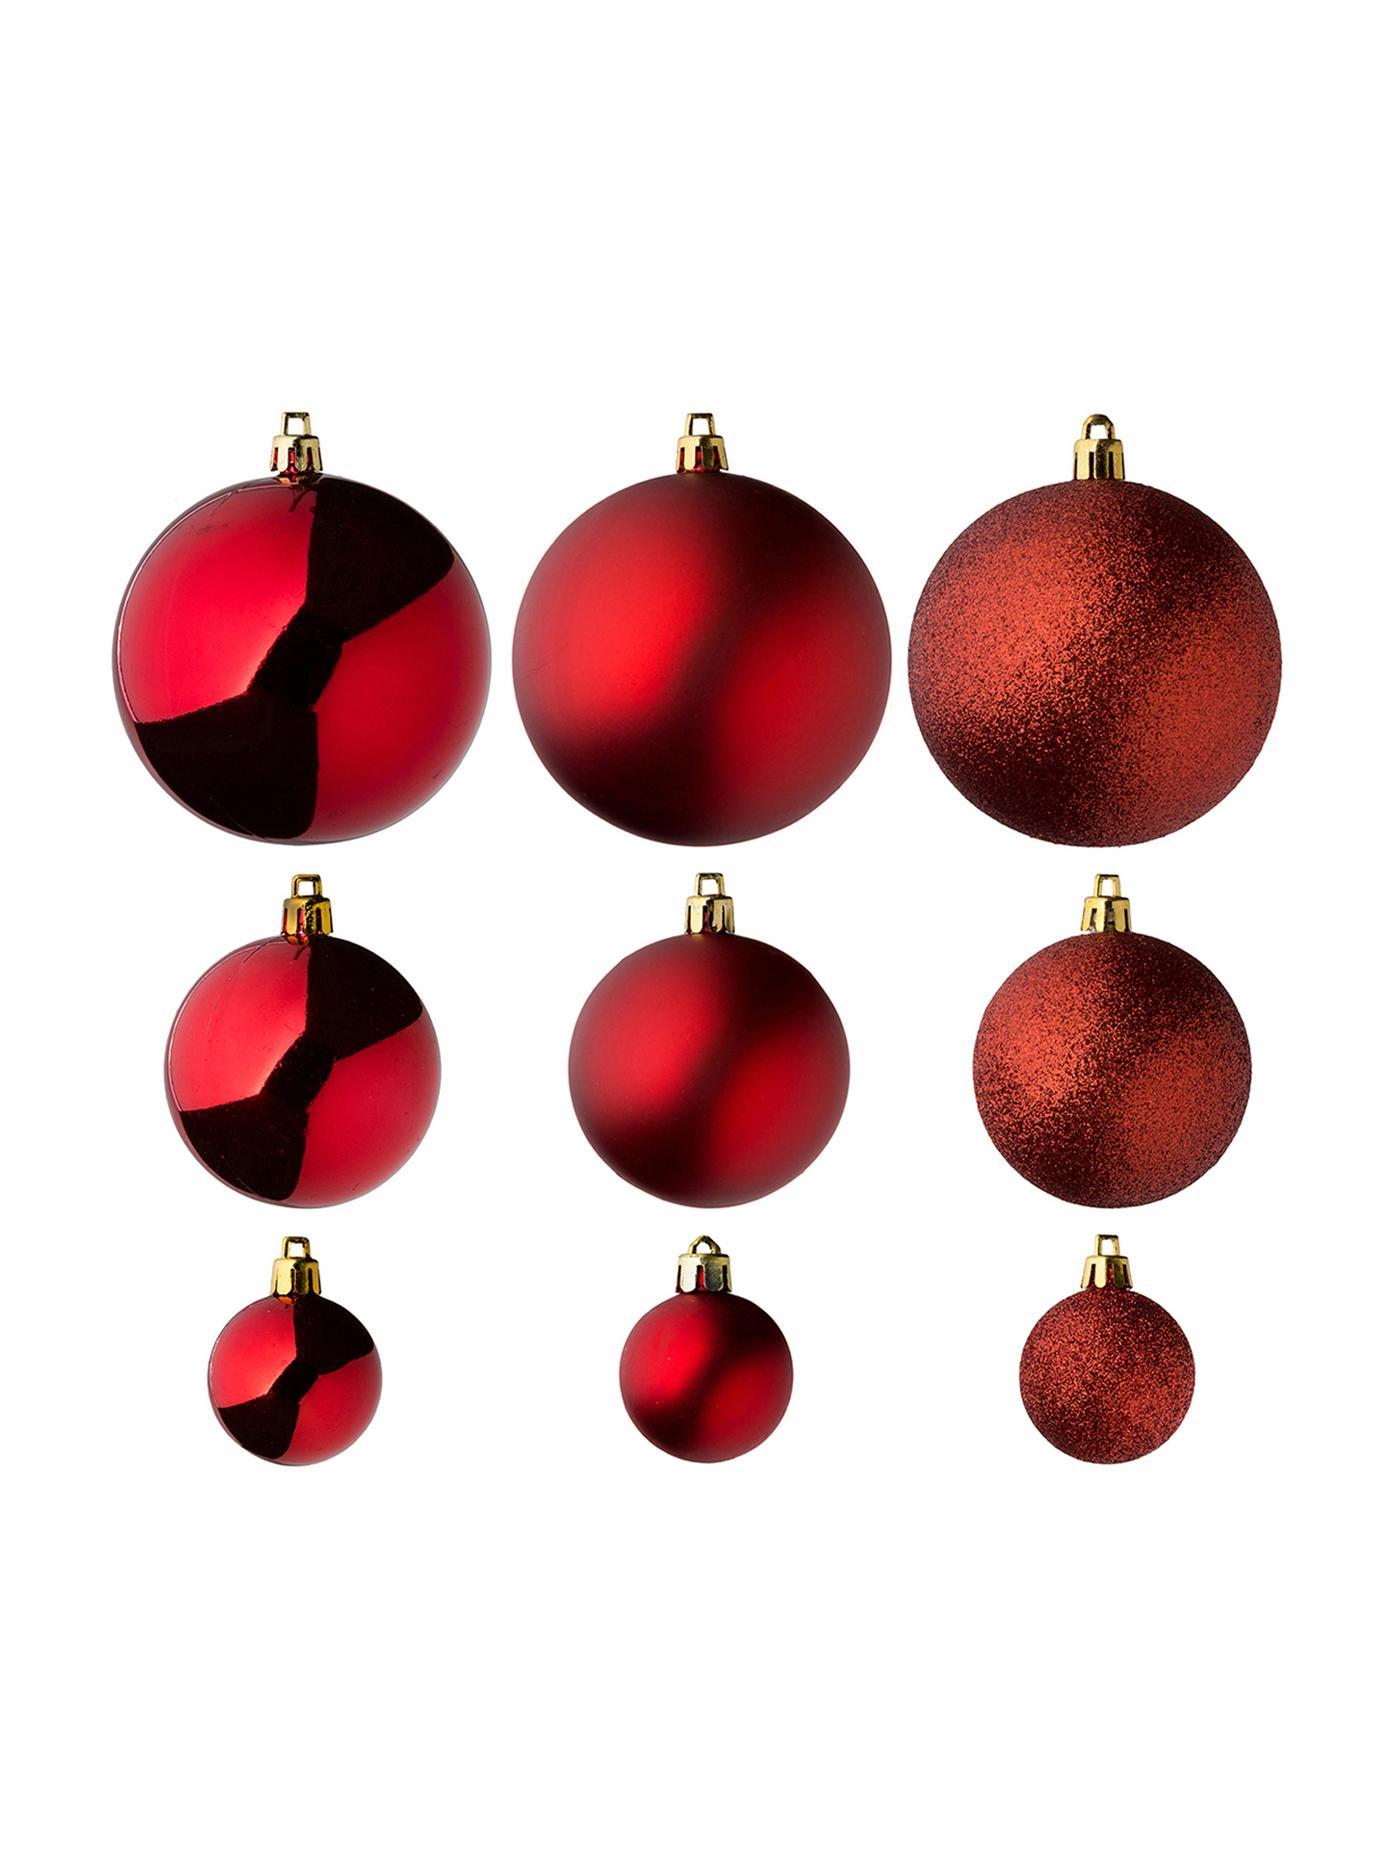 Weihnachtskugel-Set Silvia, 46-tlg., Kunststoff, rot, Verschiedene Grössen